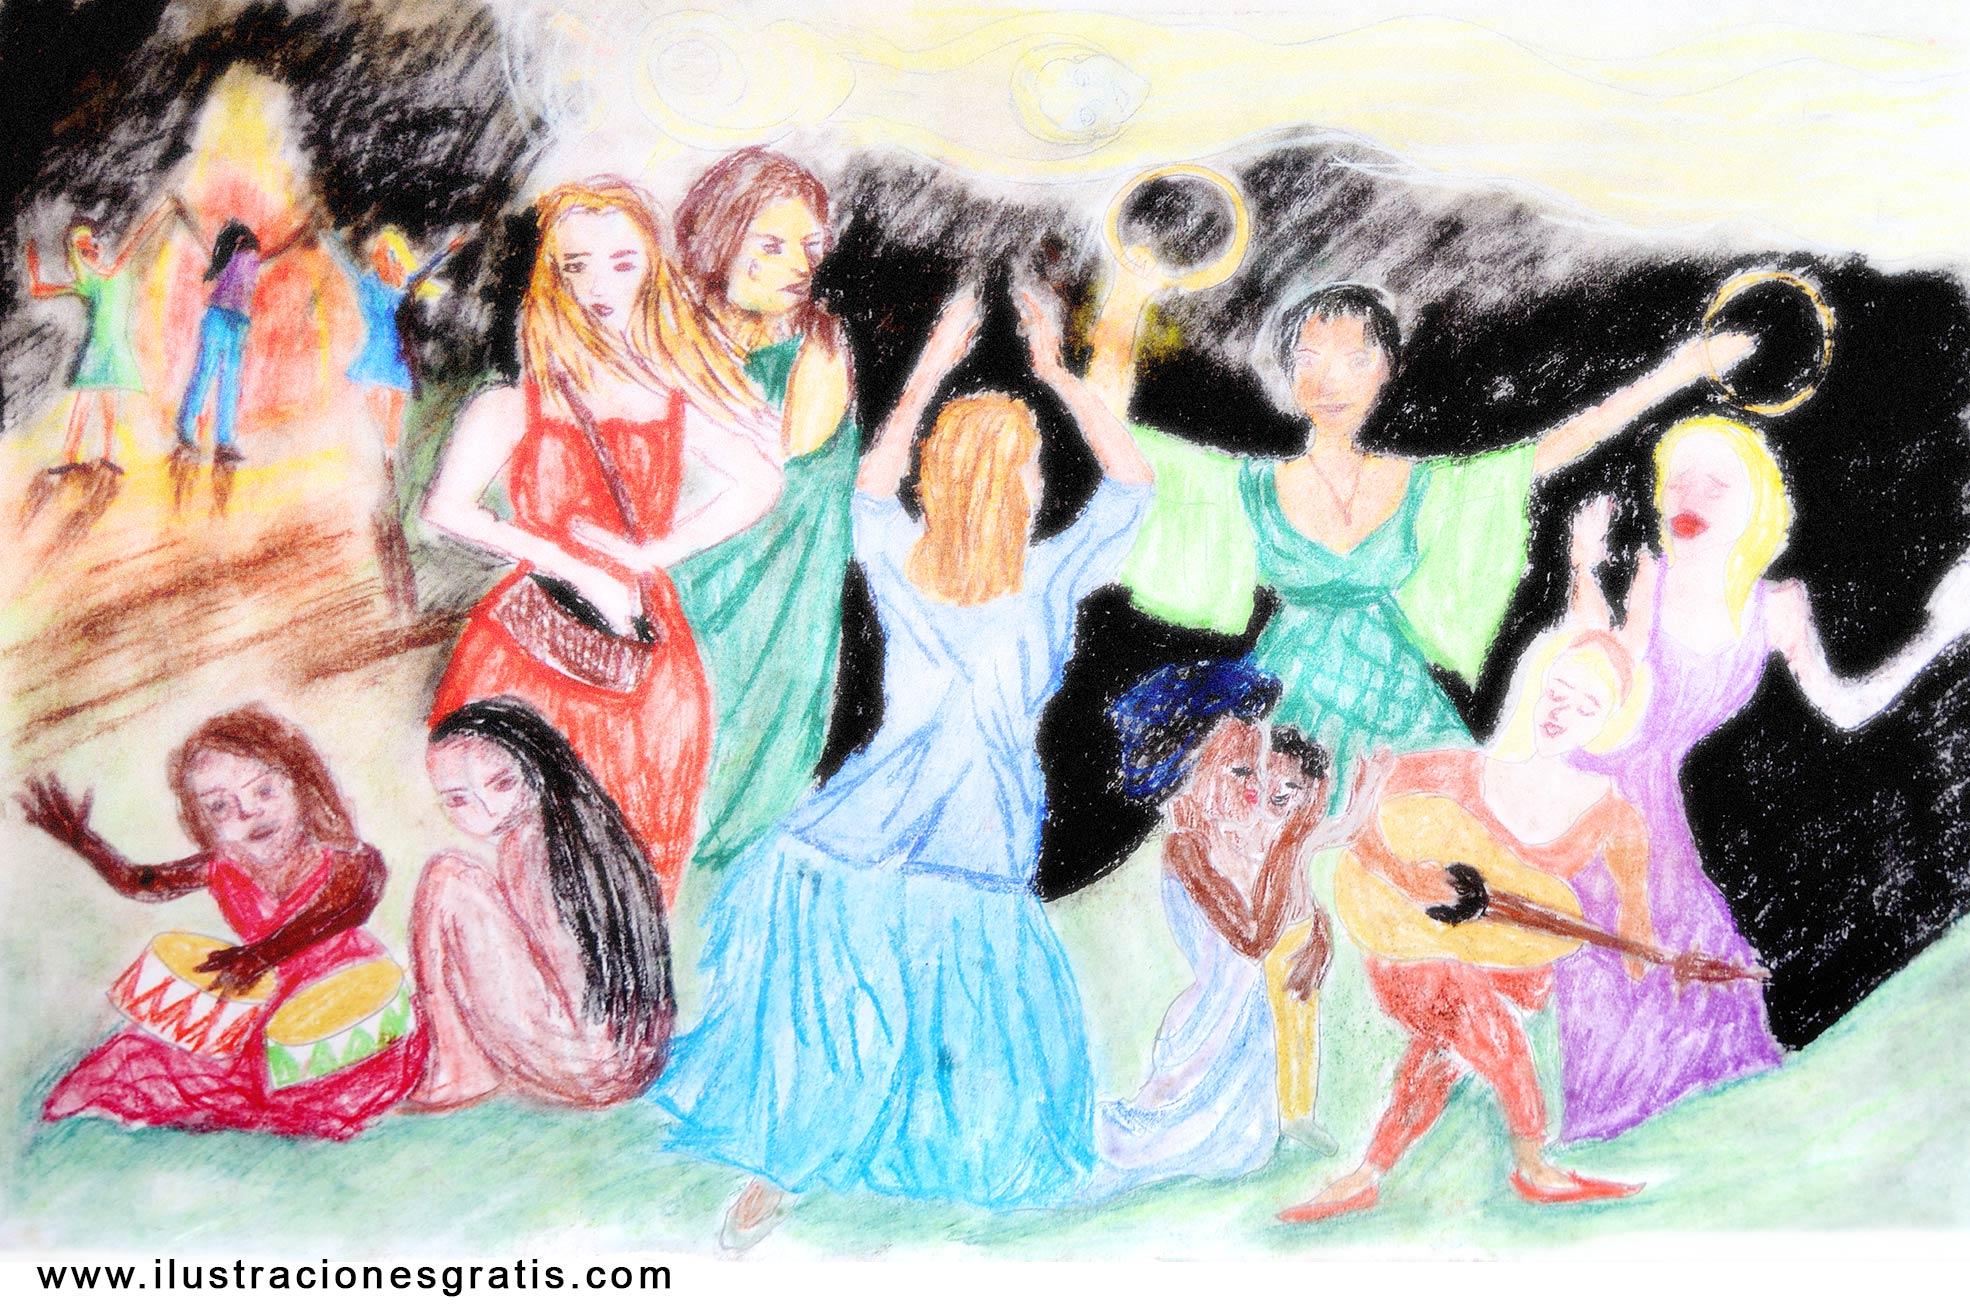 Ilustración gratis - Celebraciones - Alegría de ser mujeres